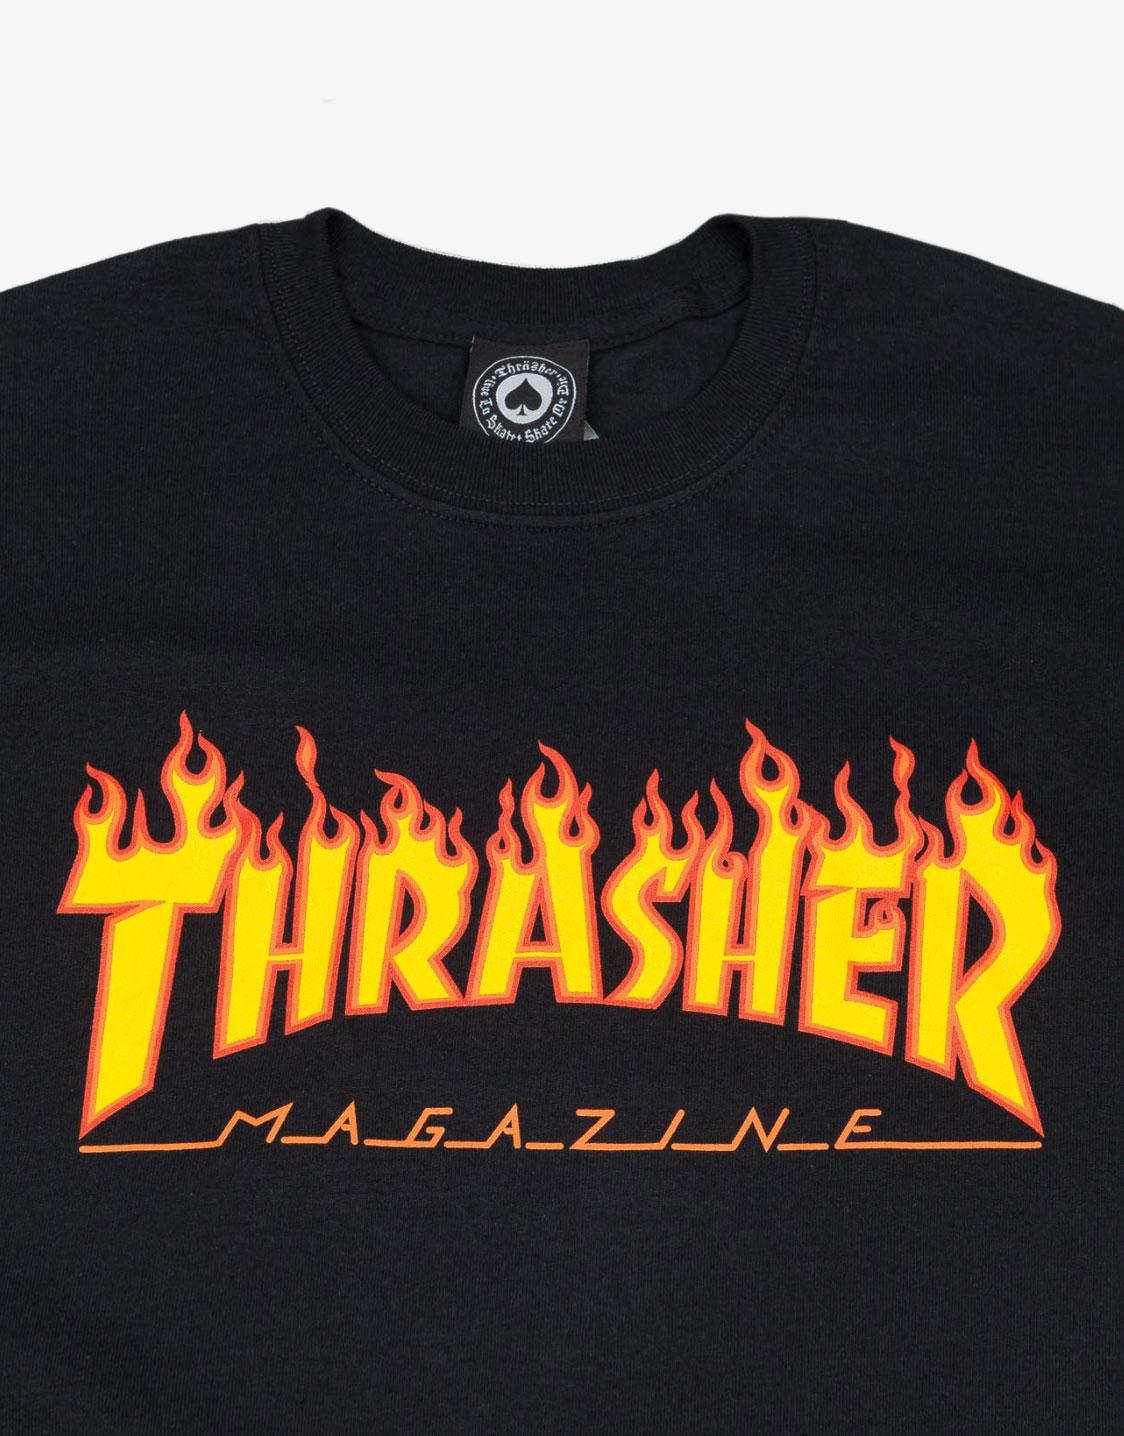 thrasher mag t shirt